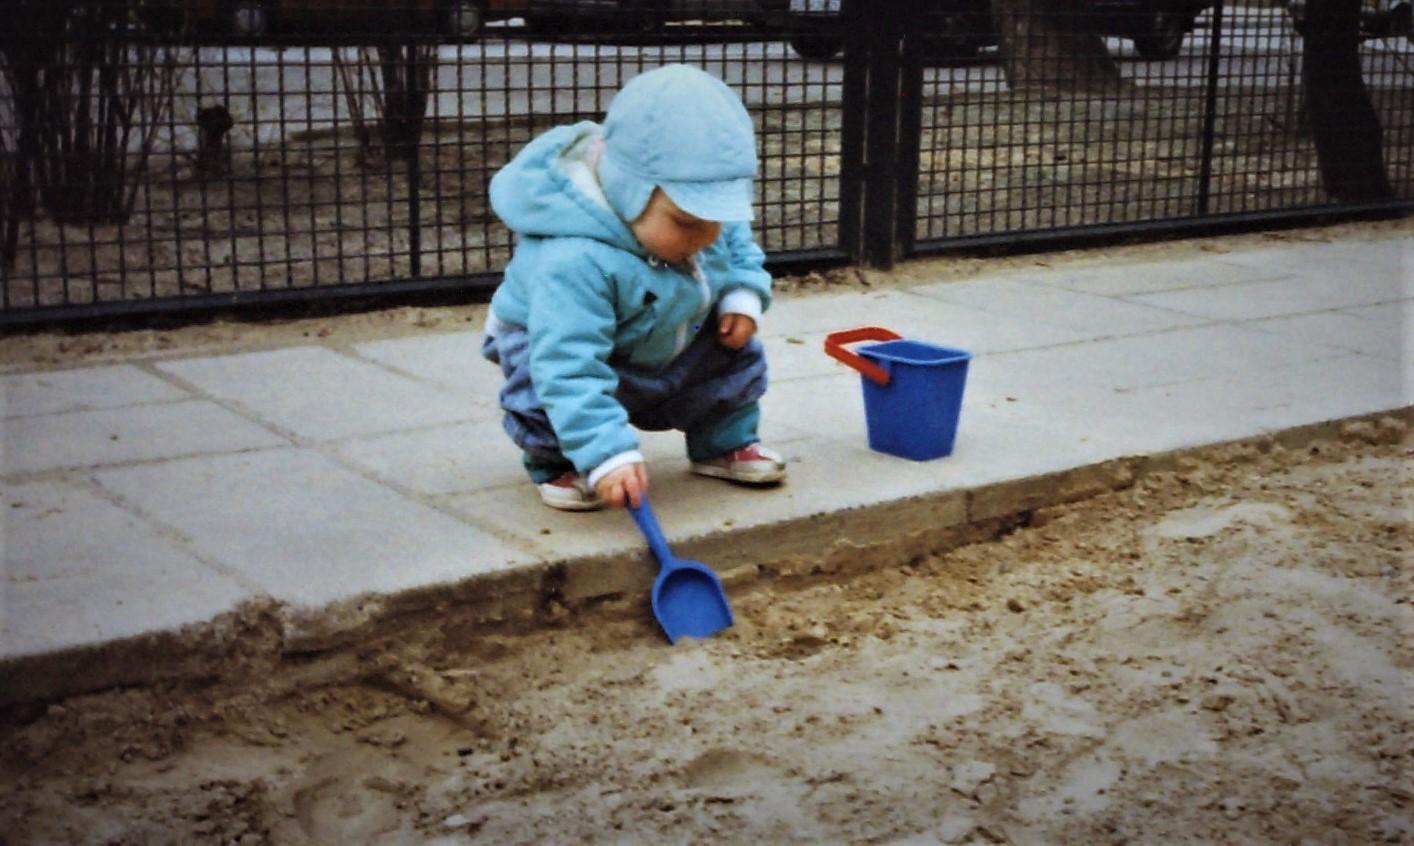 Foto von Benjamin neben dem Sandkasten